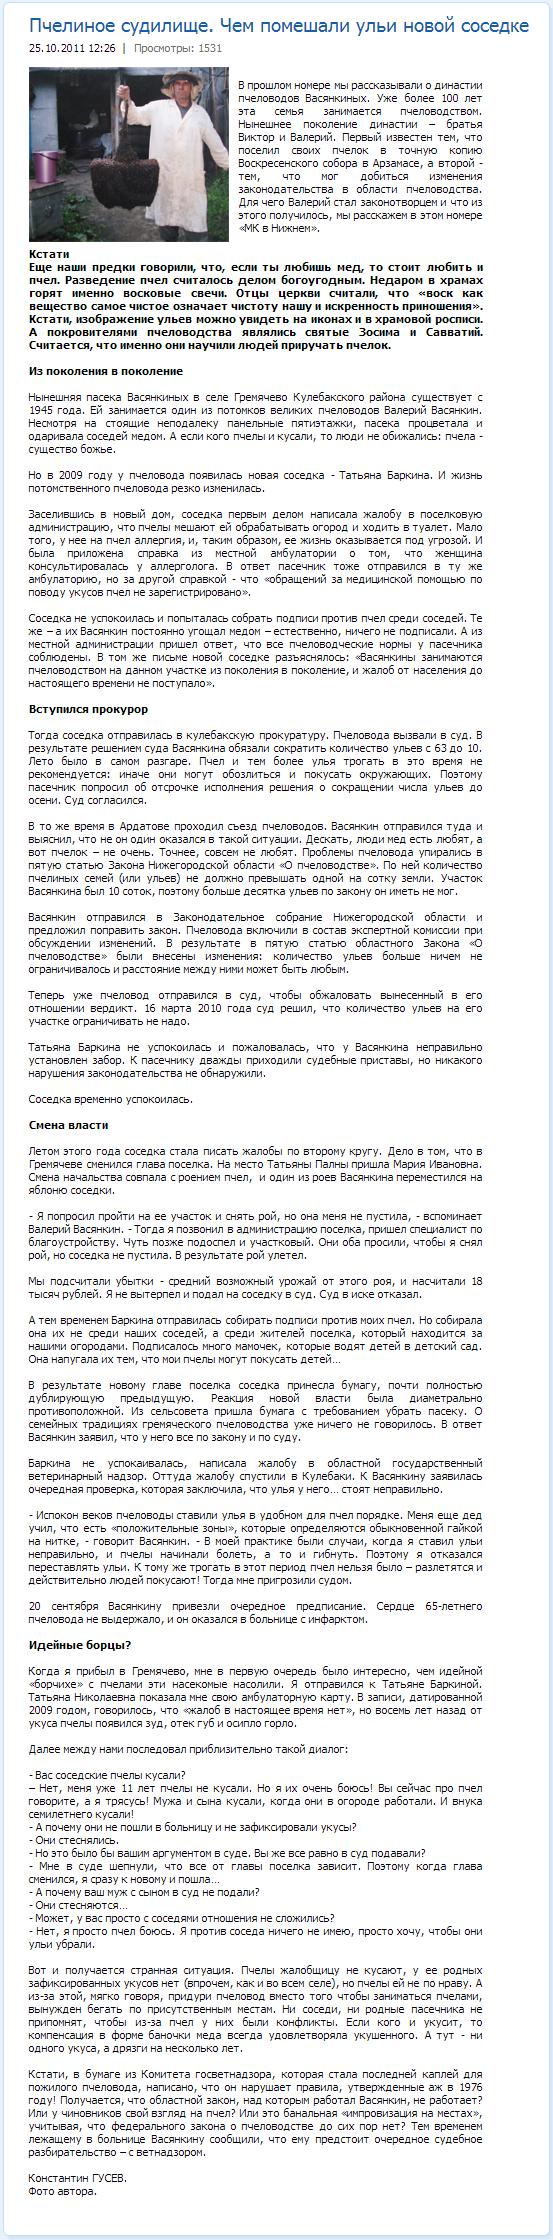 Правила организации и размещения пасеки